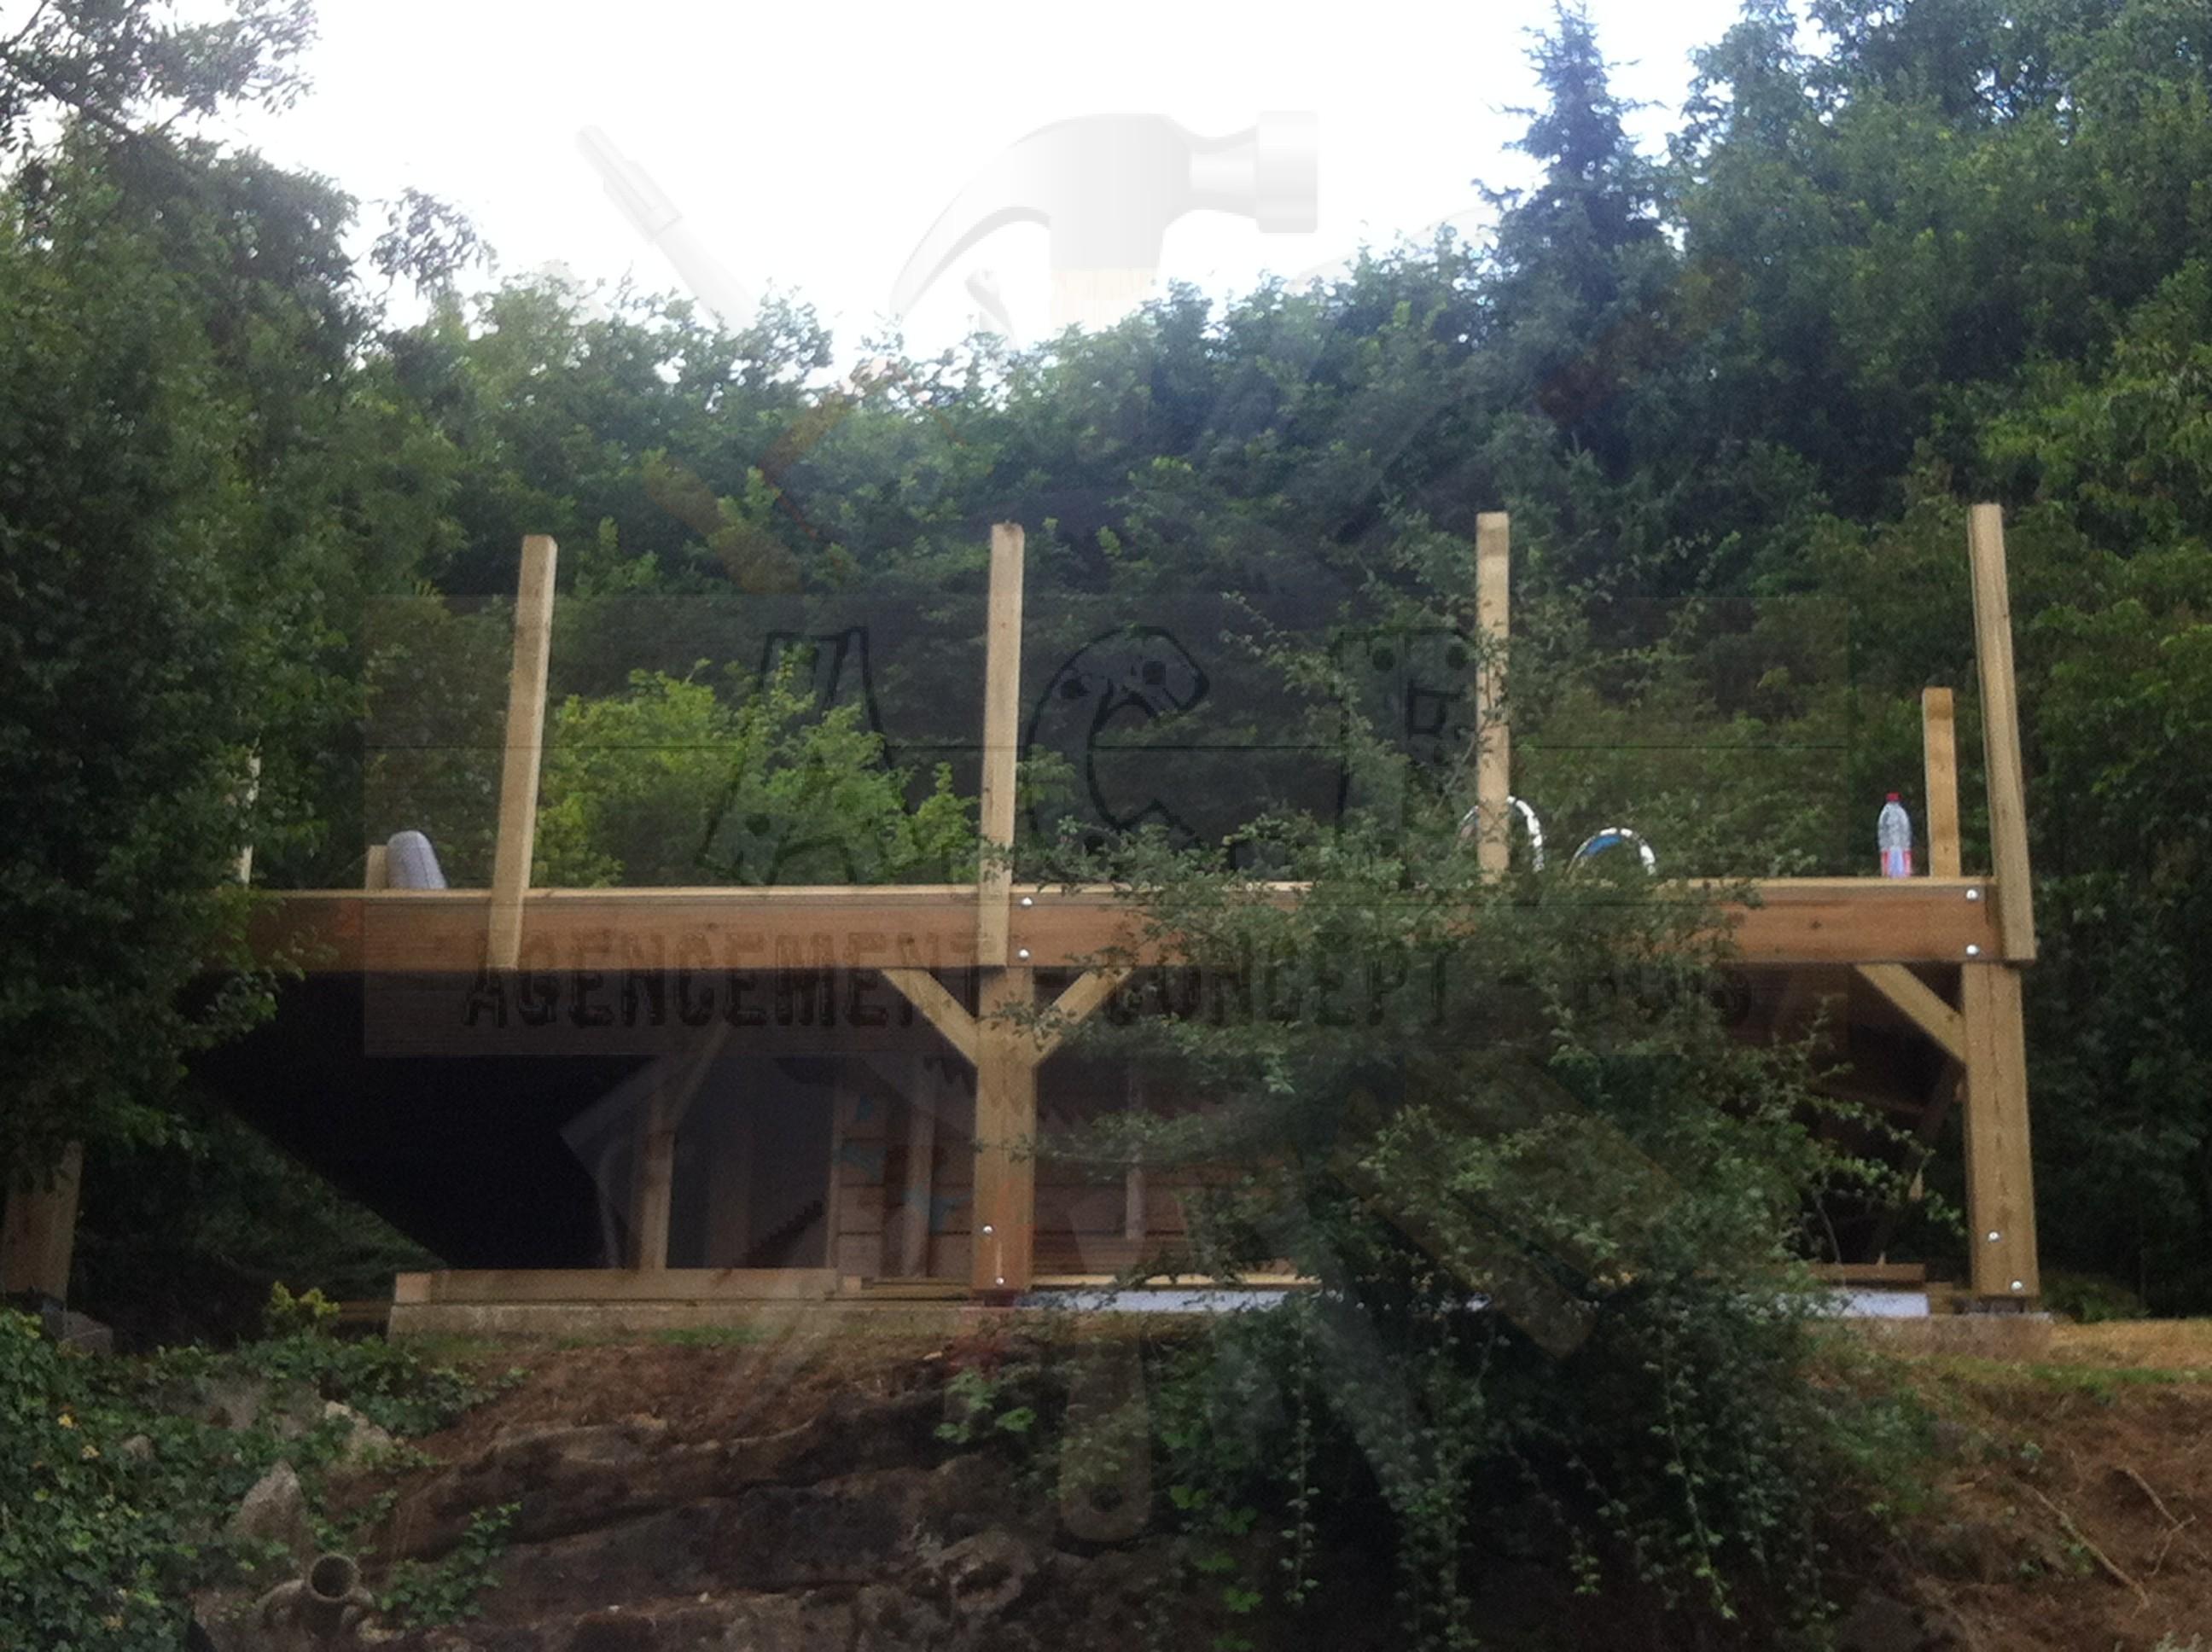 Entourage piscine agencement concept bois - Bassin bois concept asnieres sur seine ...